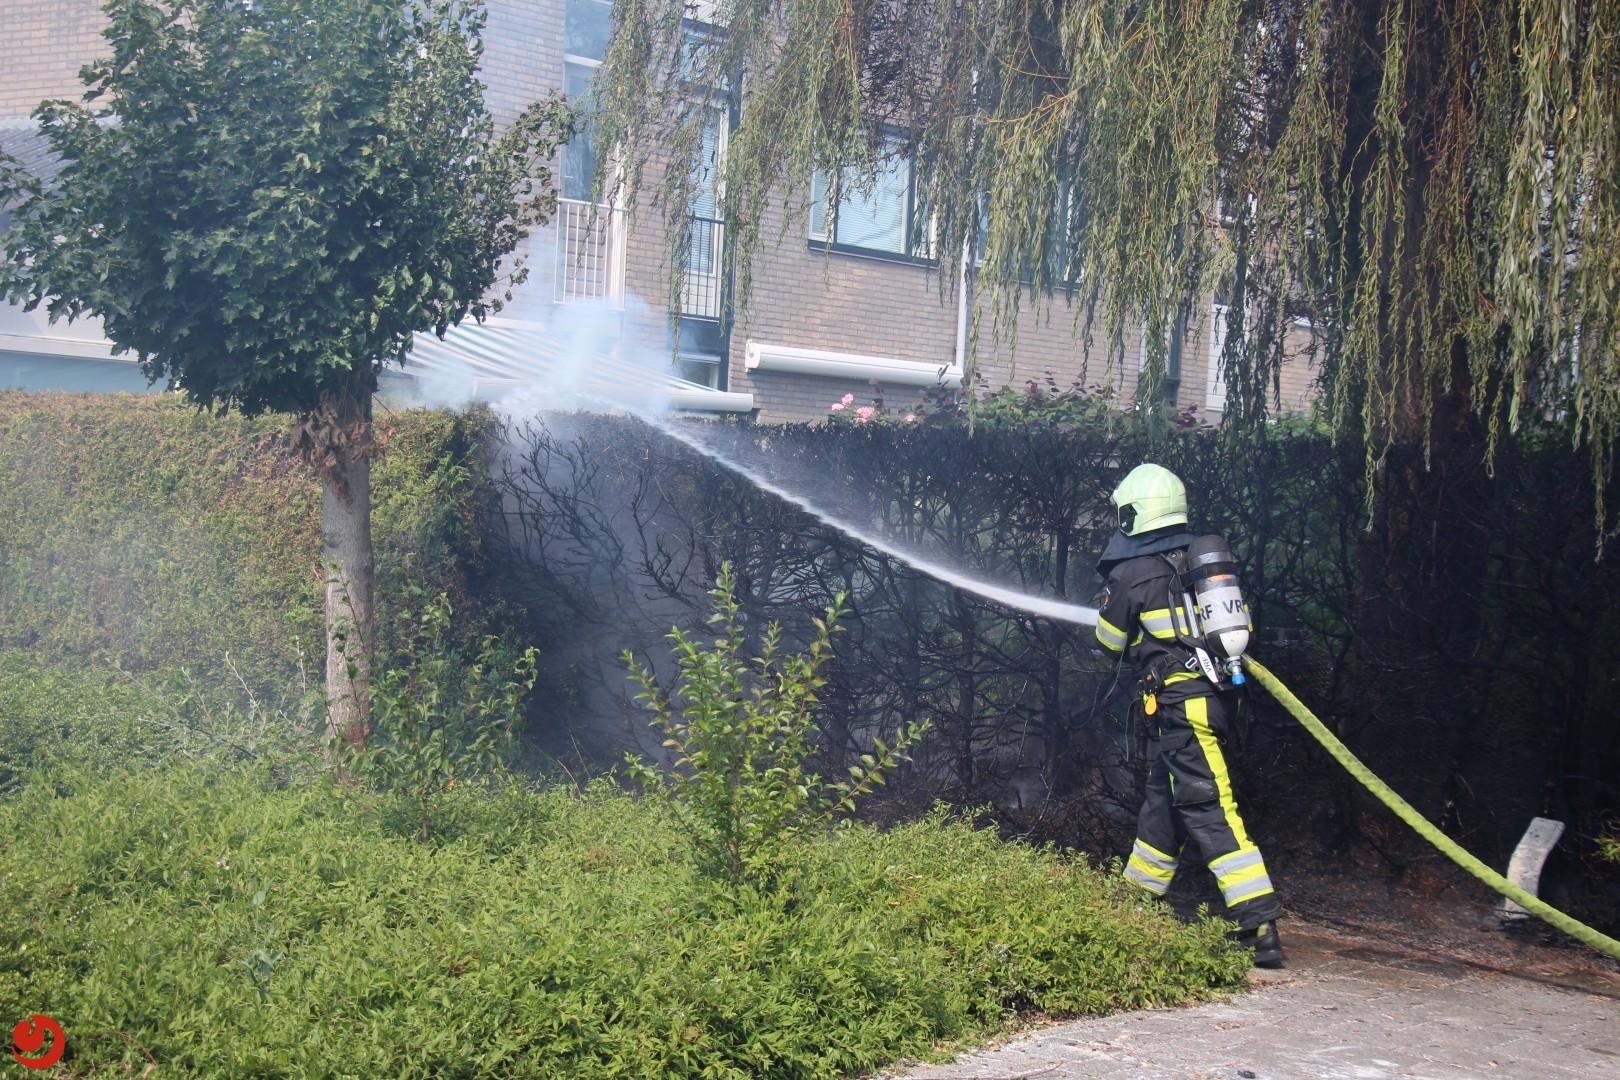 Brandweerinzet voor brandende heg